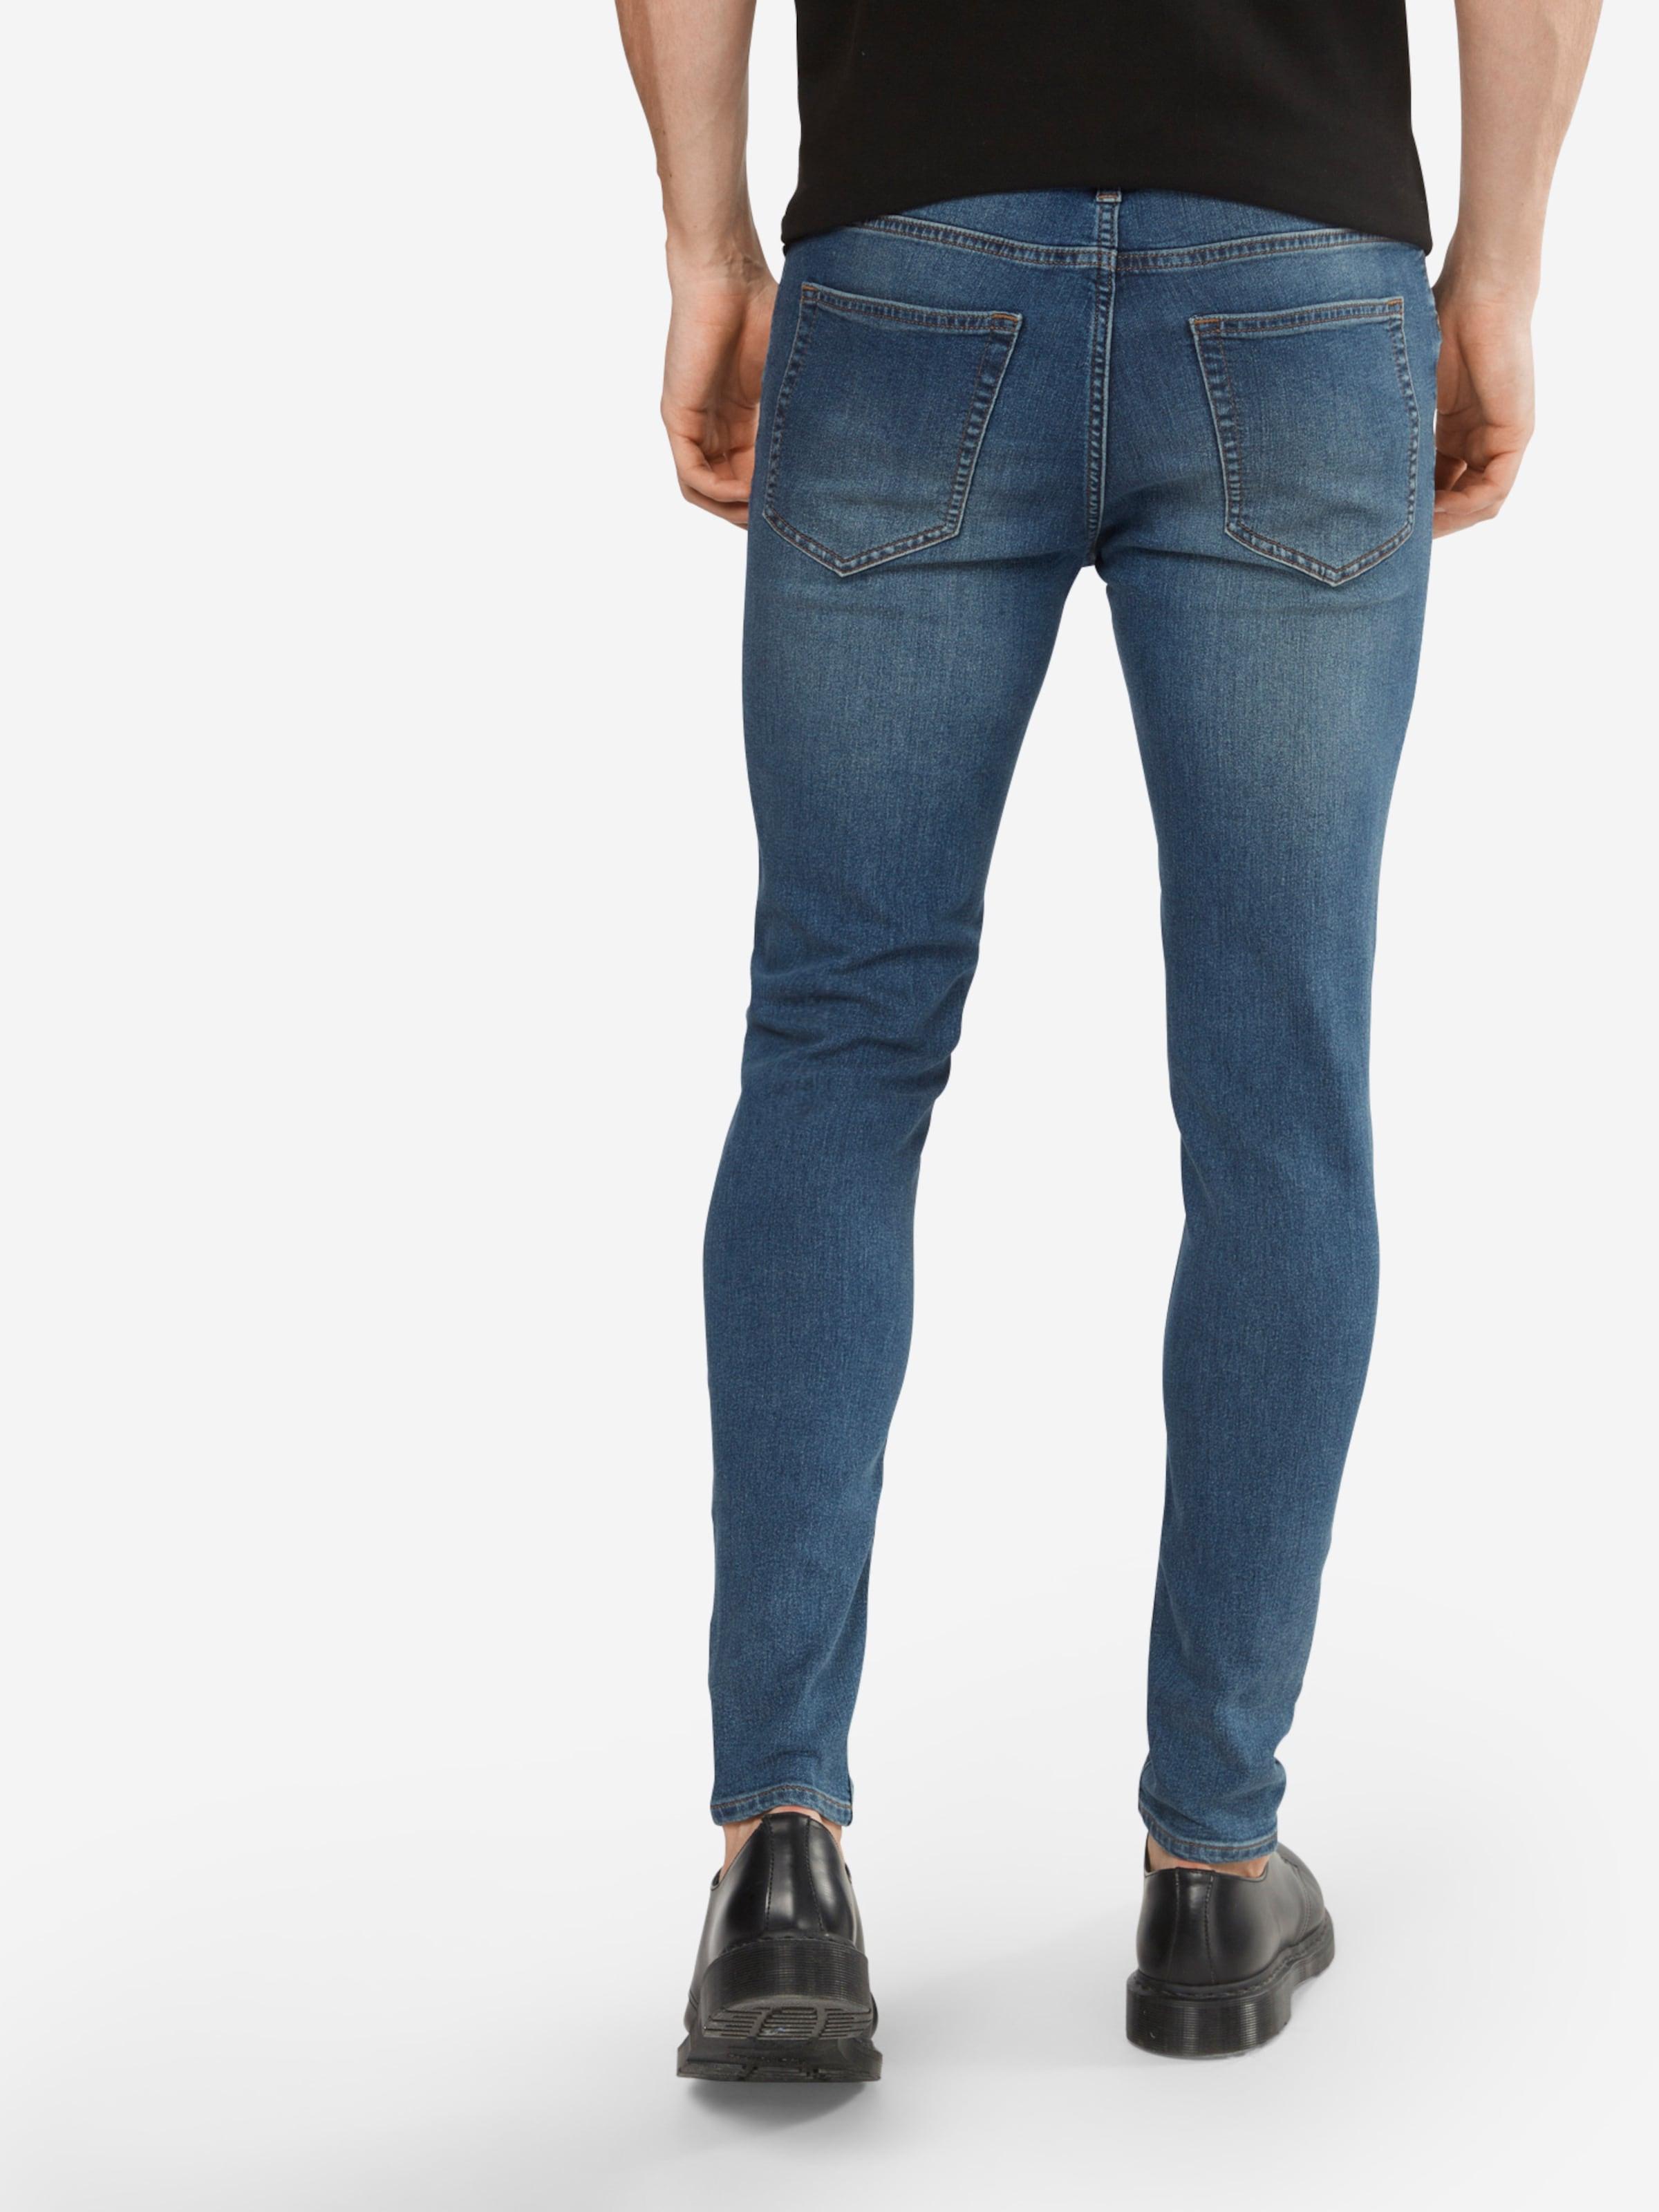 CHEAP MONDAY Jeans 'Him' Erhalten Zum Verkauf Ddx3h